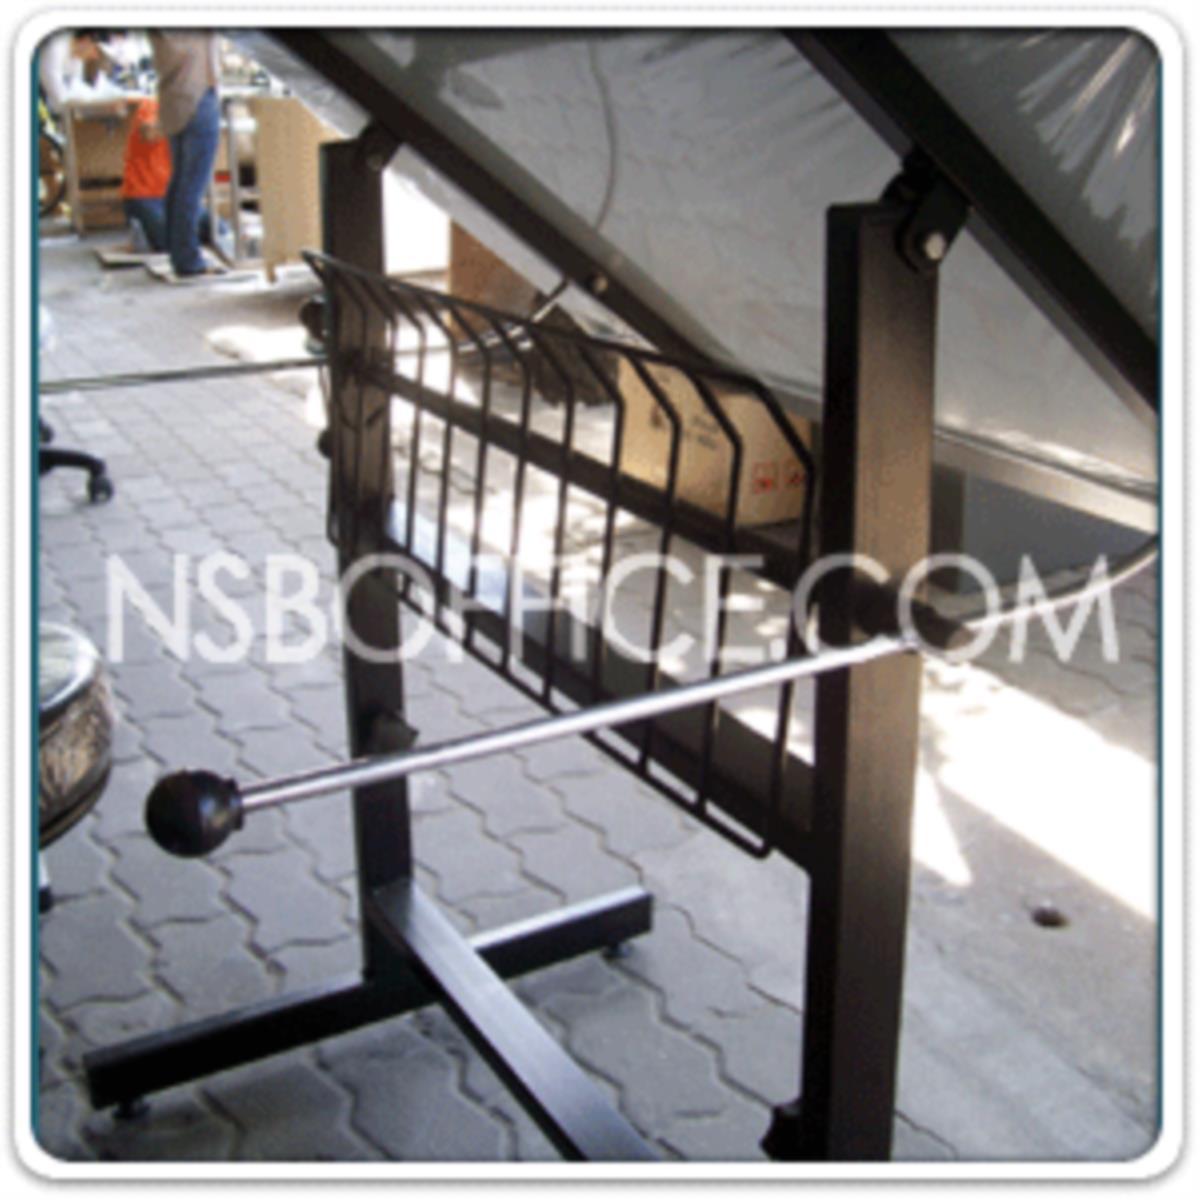 โต๊ะเขียนแบบ 119.4W*80D*95.3H cm.  รุ่น TD-02108  ปรับองศาได้ มีตะแกรงข้างใต้